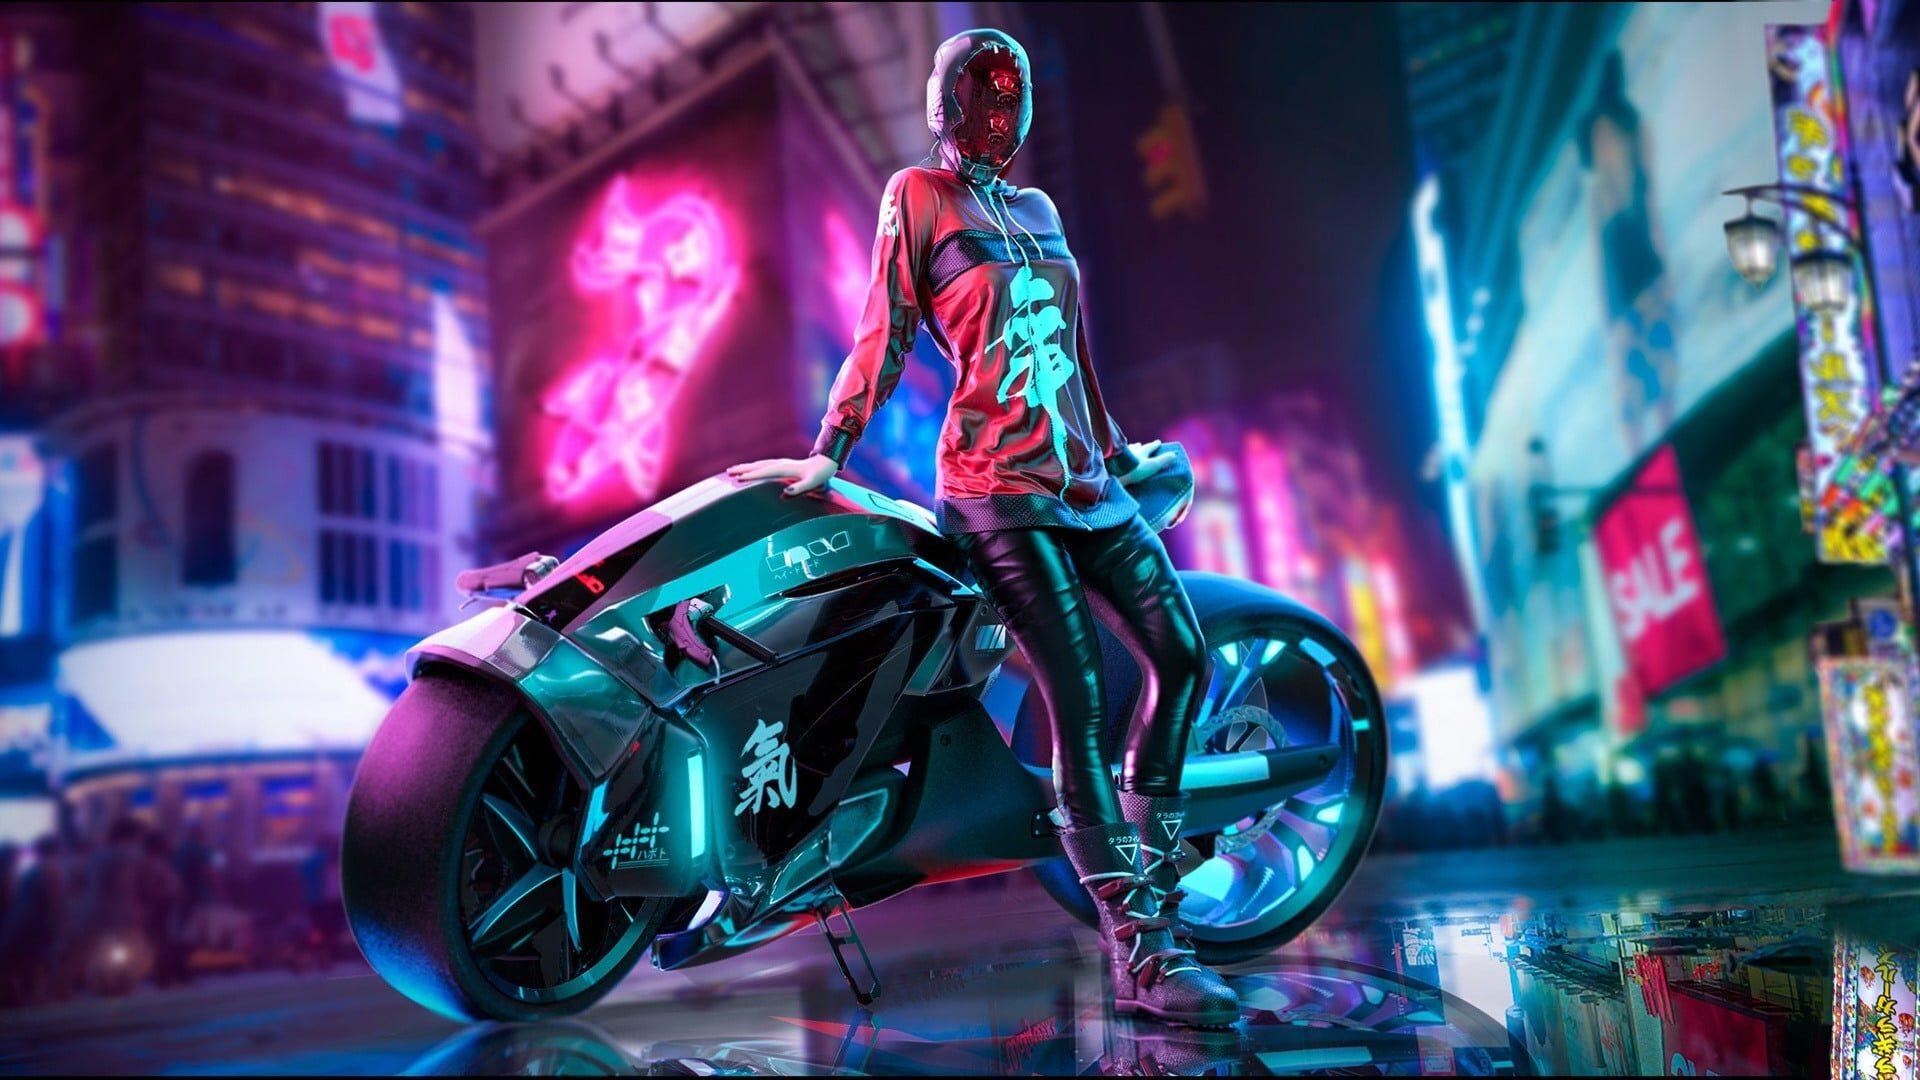 jeux vidéo cyberpunk